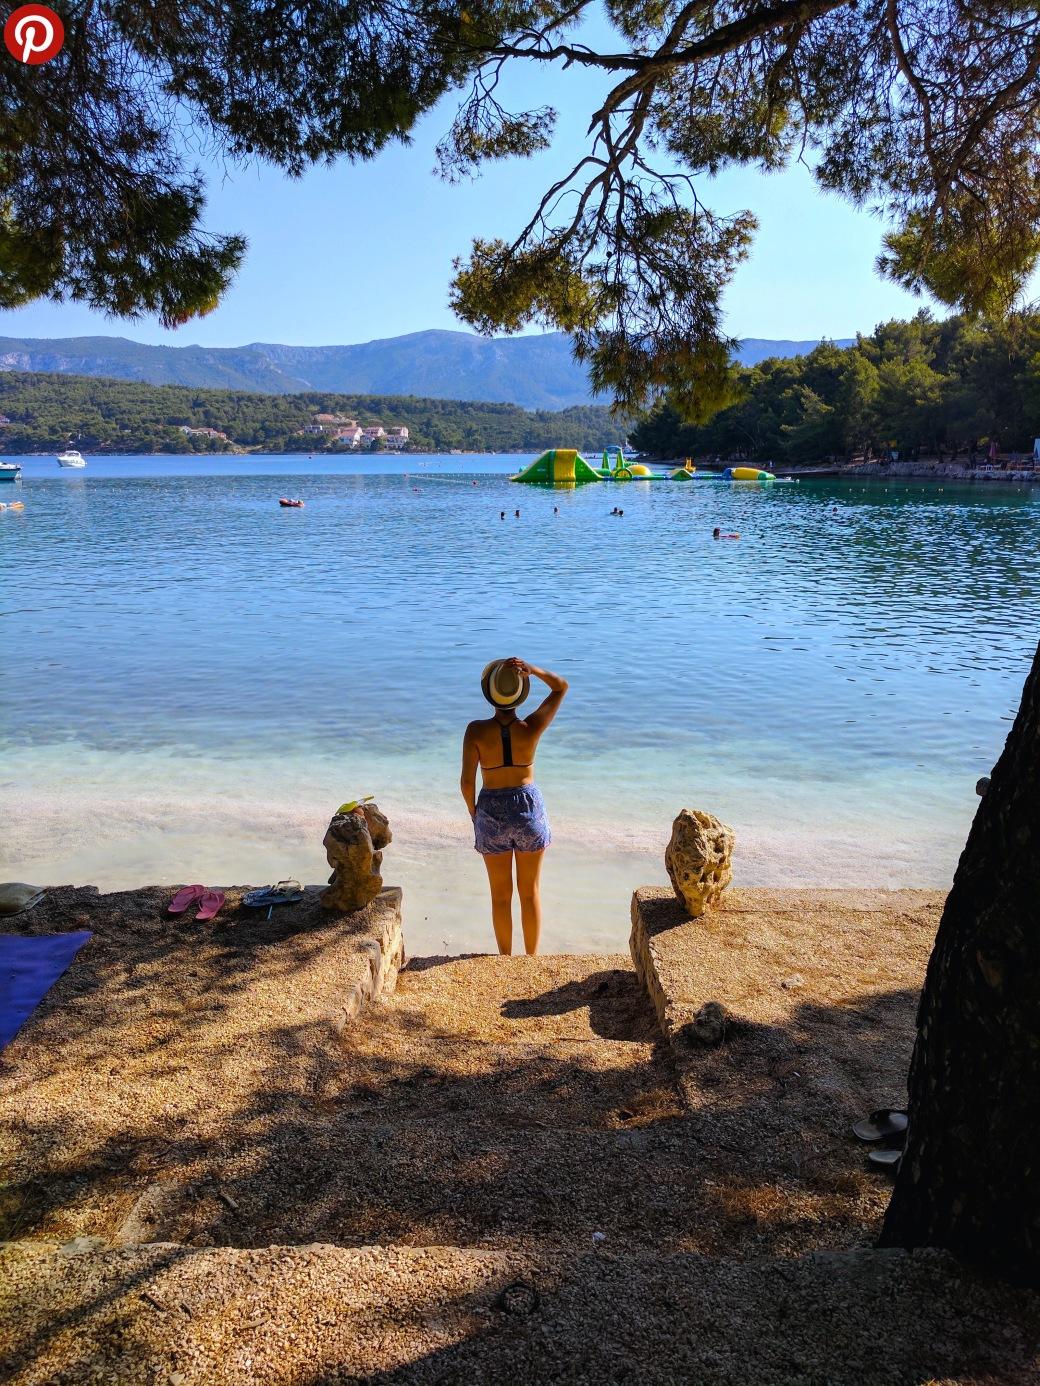 Croatia beaches 1st pic pint.jpg